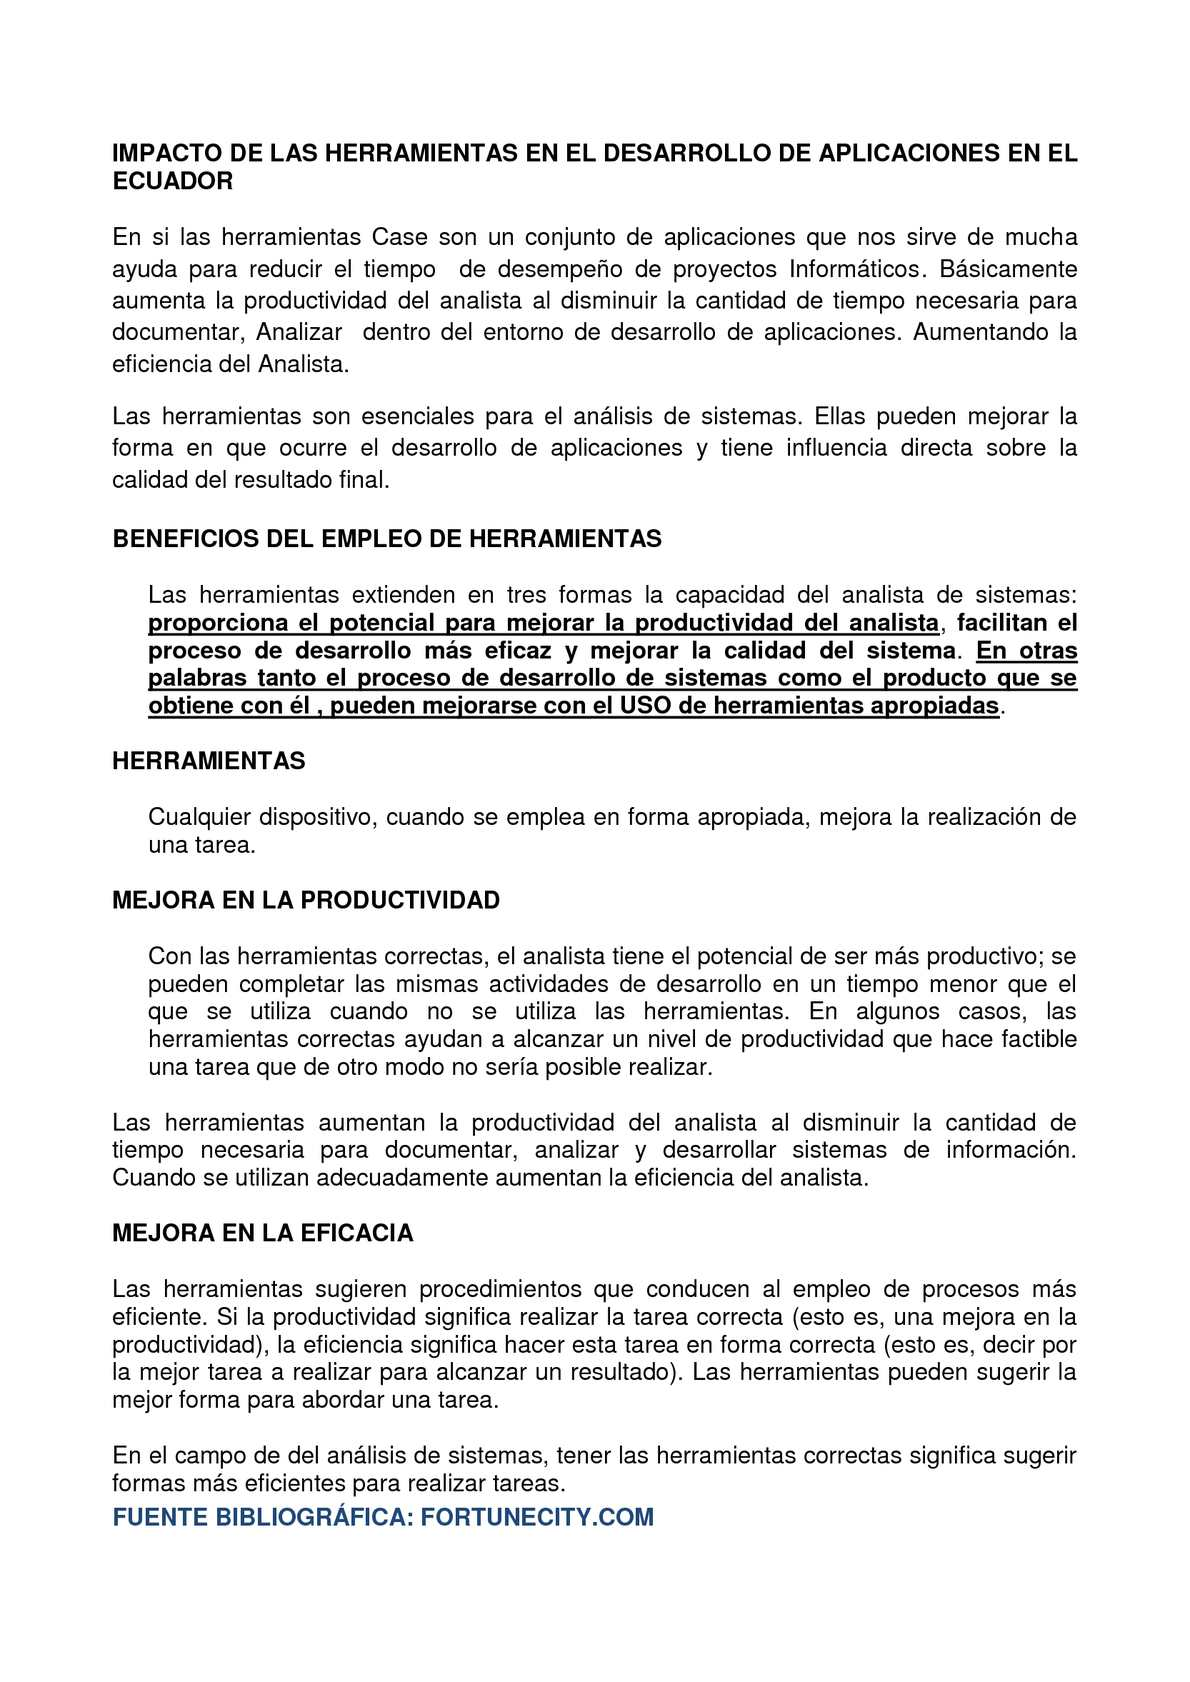 Impacto de las herramientas CASE en el desarrollo de Aplicaciones en el Ecuador